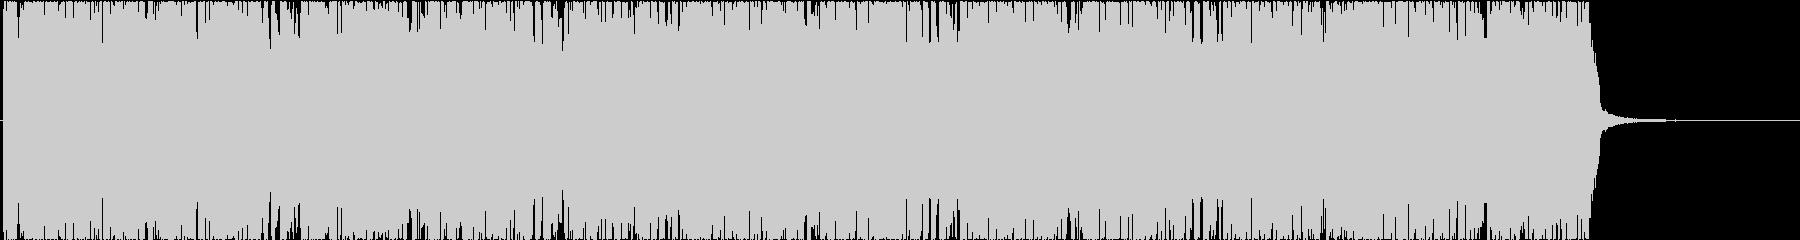 バトルゲーム用のヘヴィなロック曲-短縮版の未再生の波形